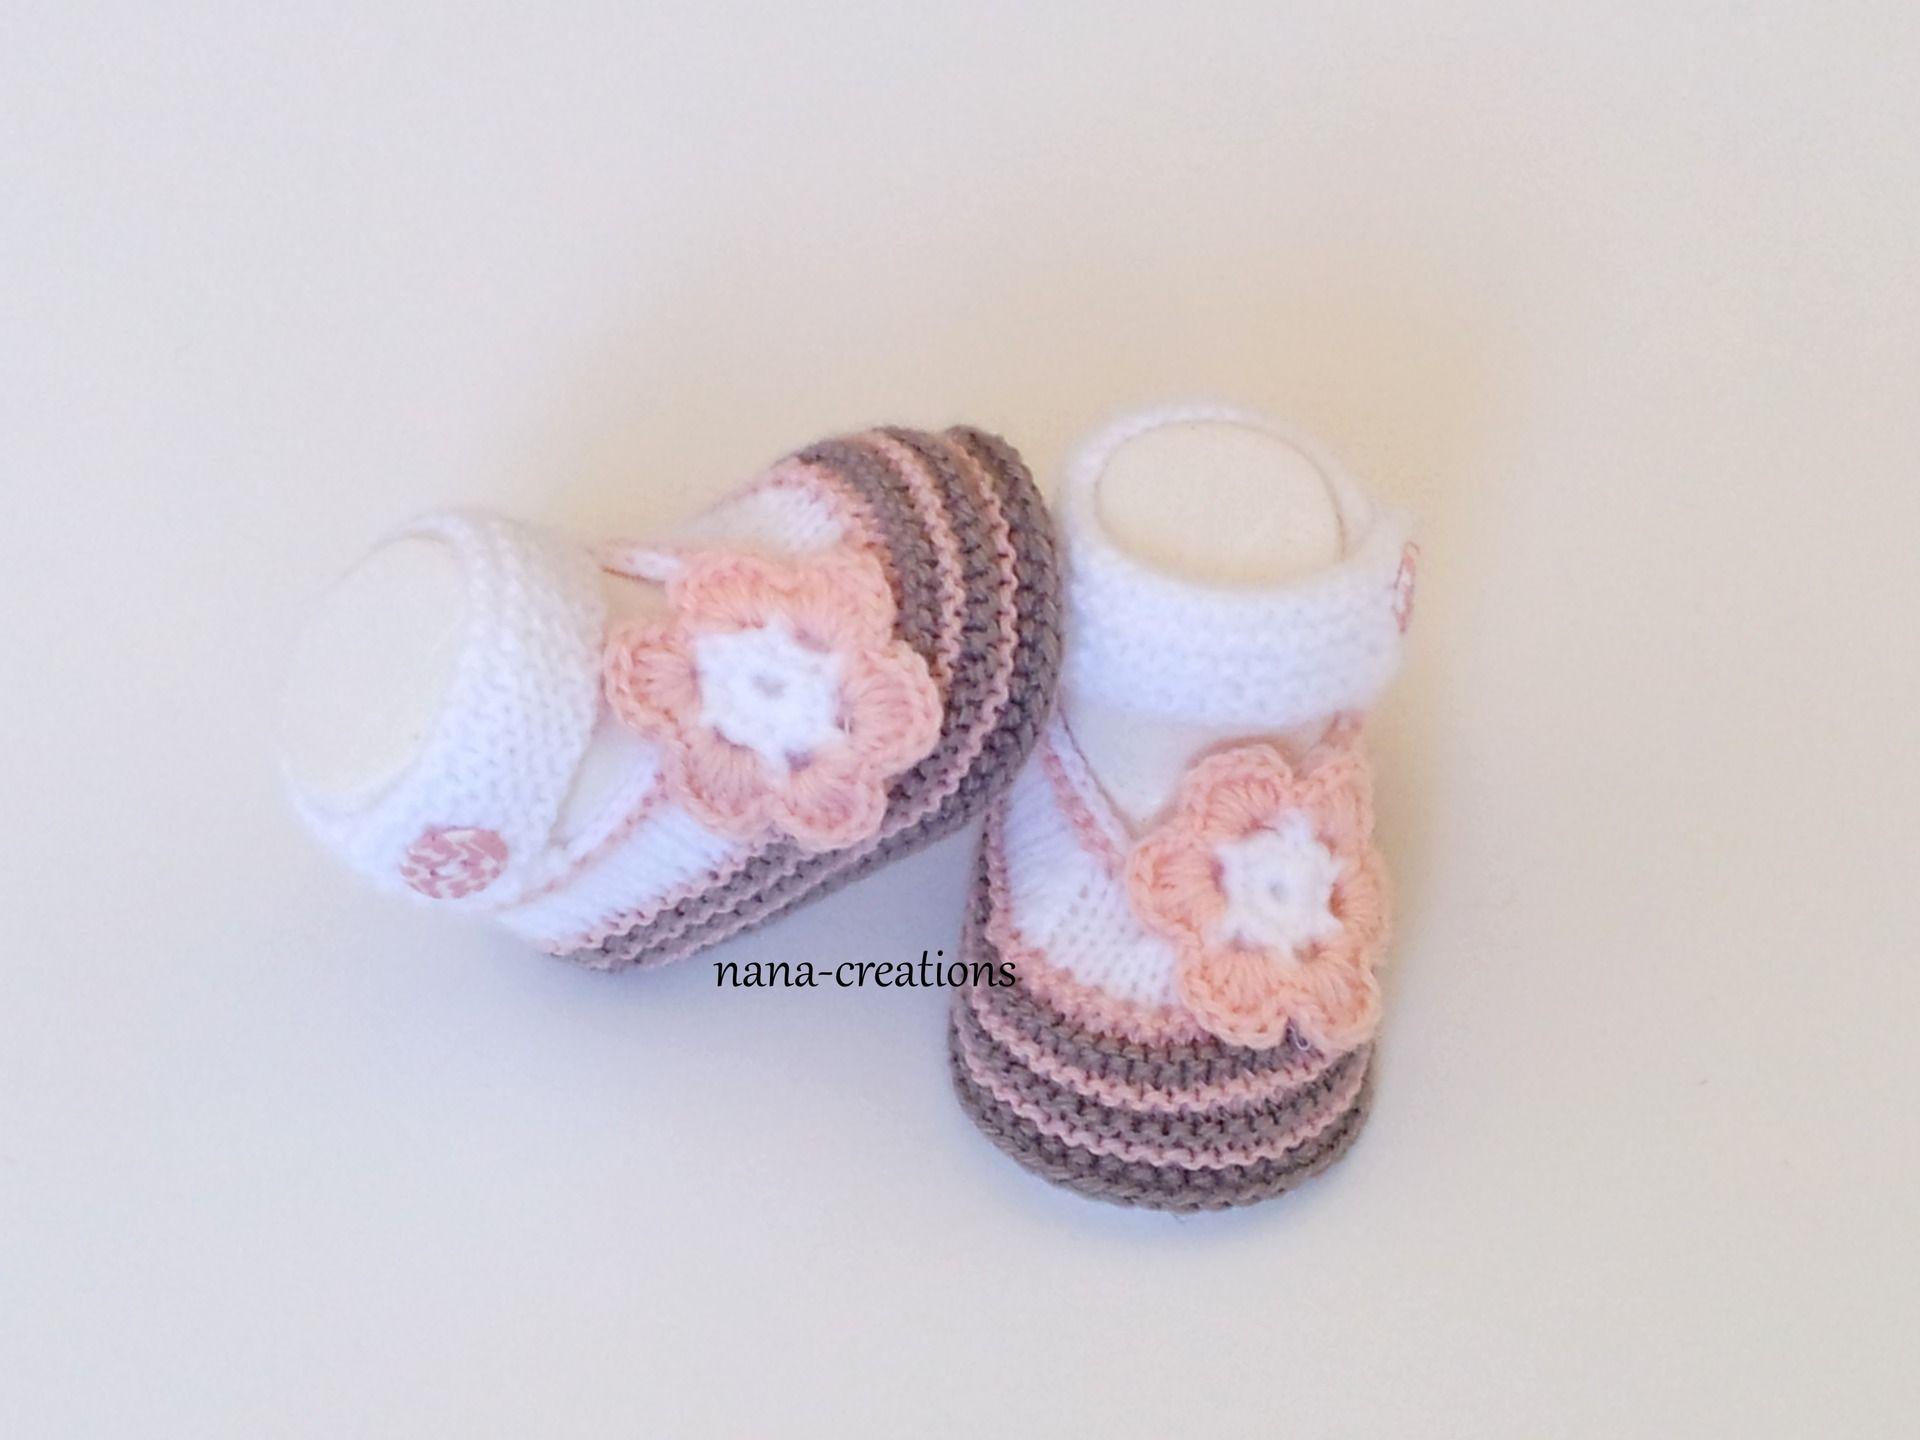 6d26983f9d0 Chaussons babies bébé tricotés en laine layette et son bouton fimo assorti